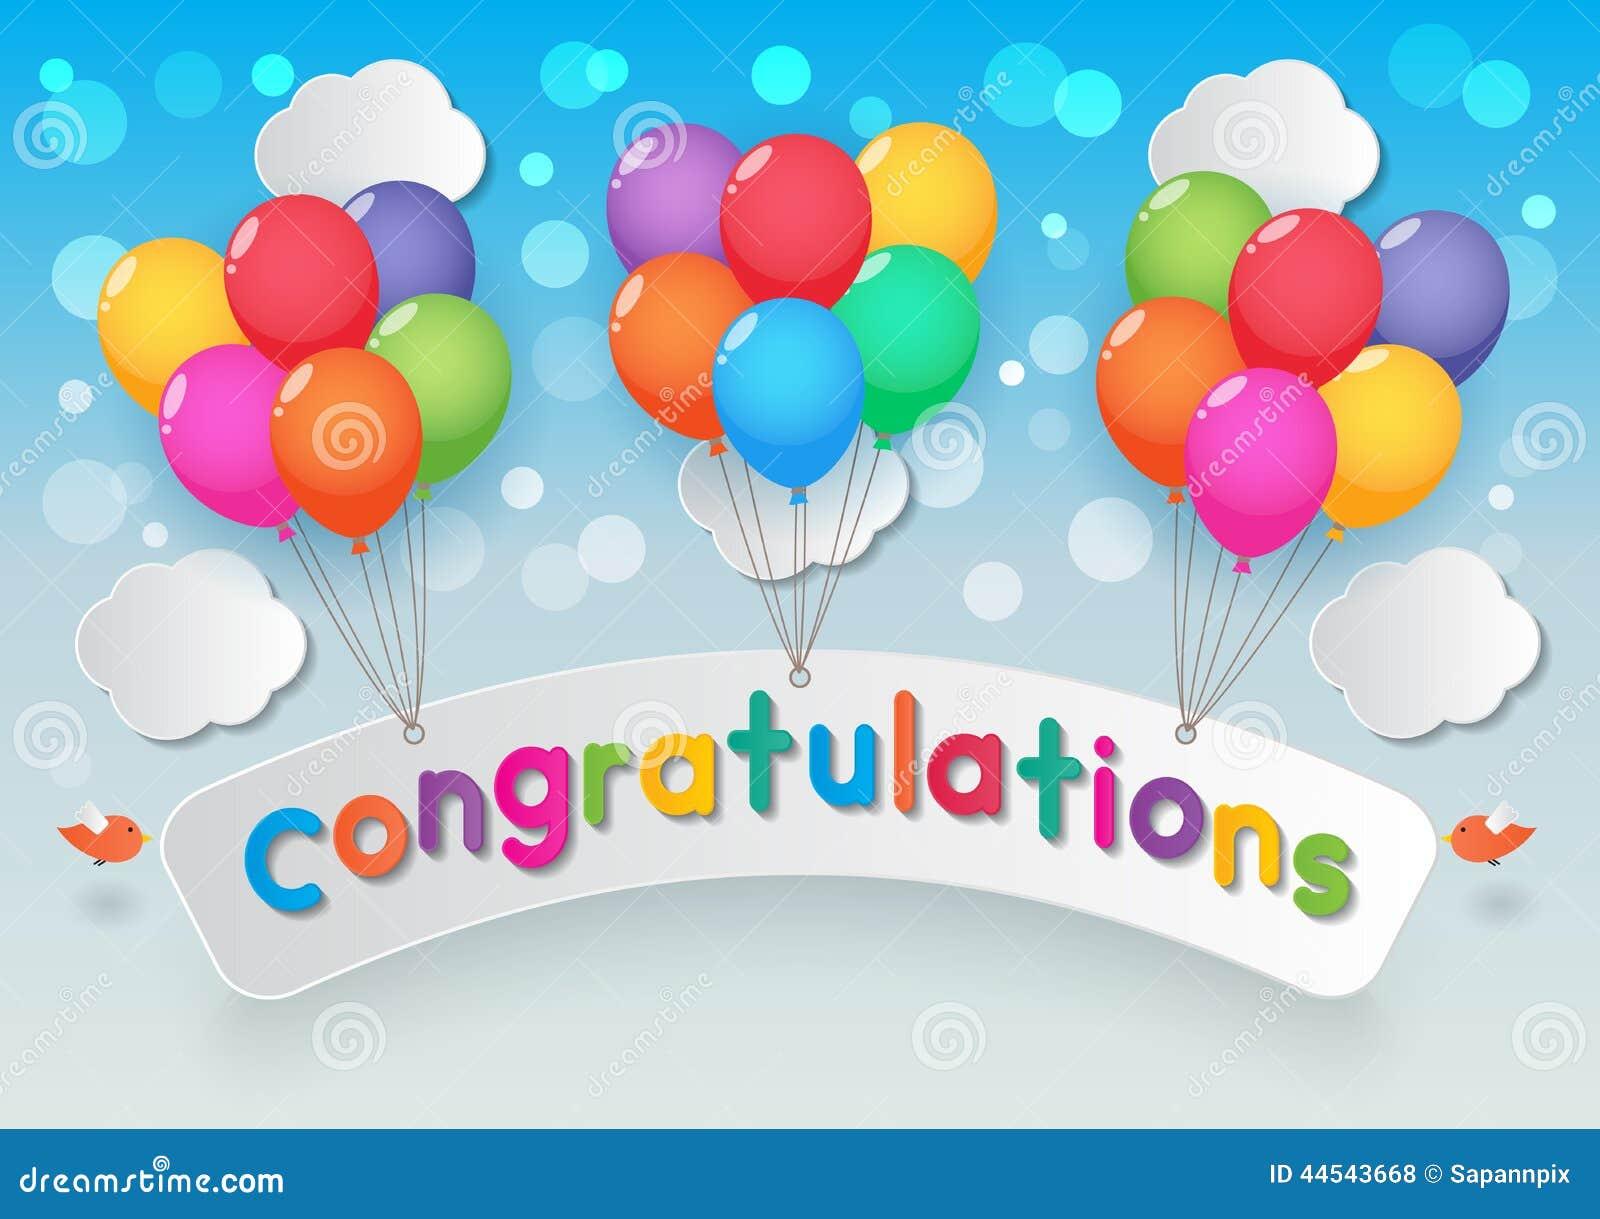 congratulations balloons stock vector image 44543668